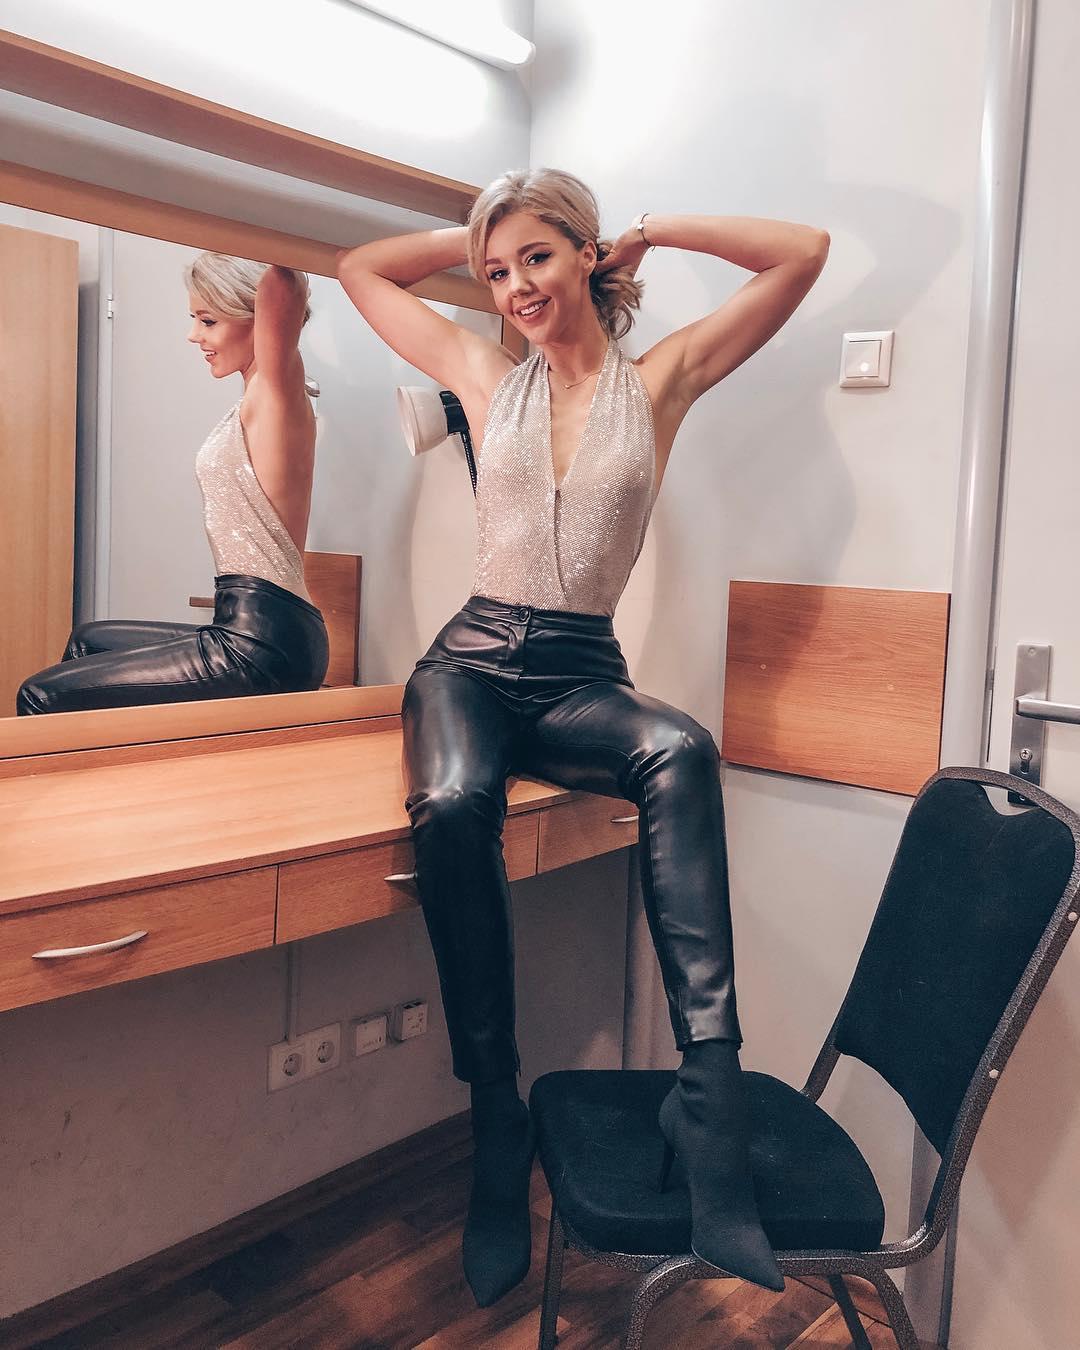 Юлианна Караулова: Какая лучше?